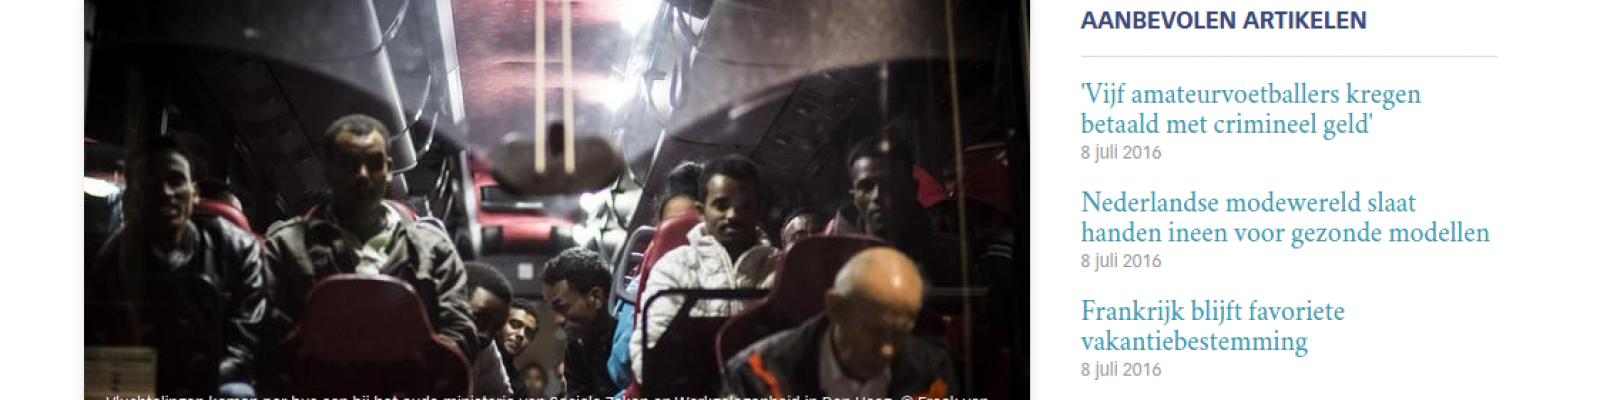 Vanwege personeelstekort geen controle op vluchtelingen